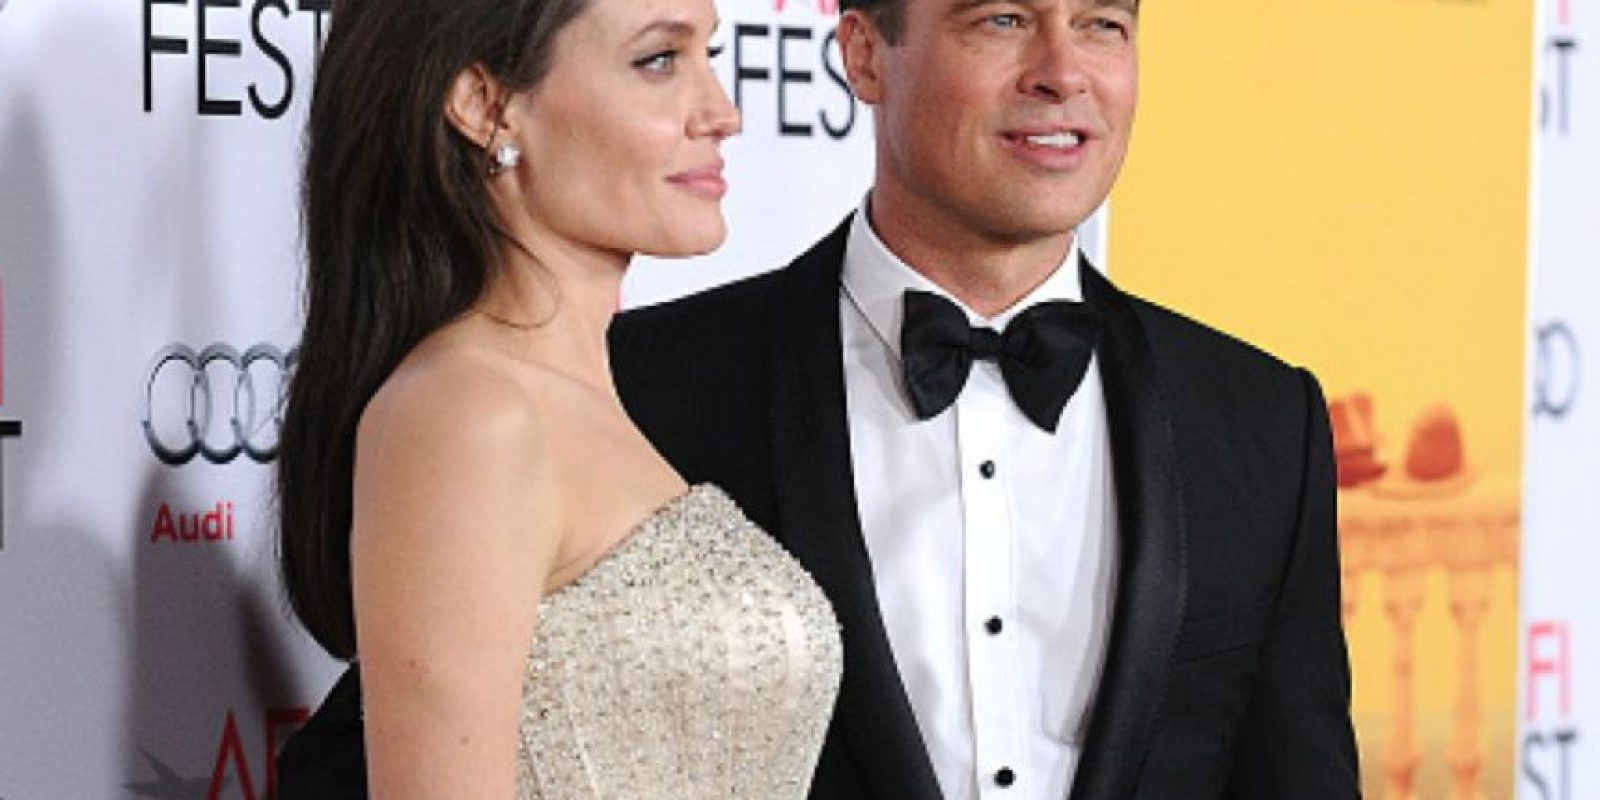 En cuanto a la pareja Jolie- Pitt, se rumorea que ella sufre de varias enfermedades. Causó impacto por su extrema delgadez. Foto:vía Getty Images